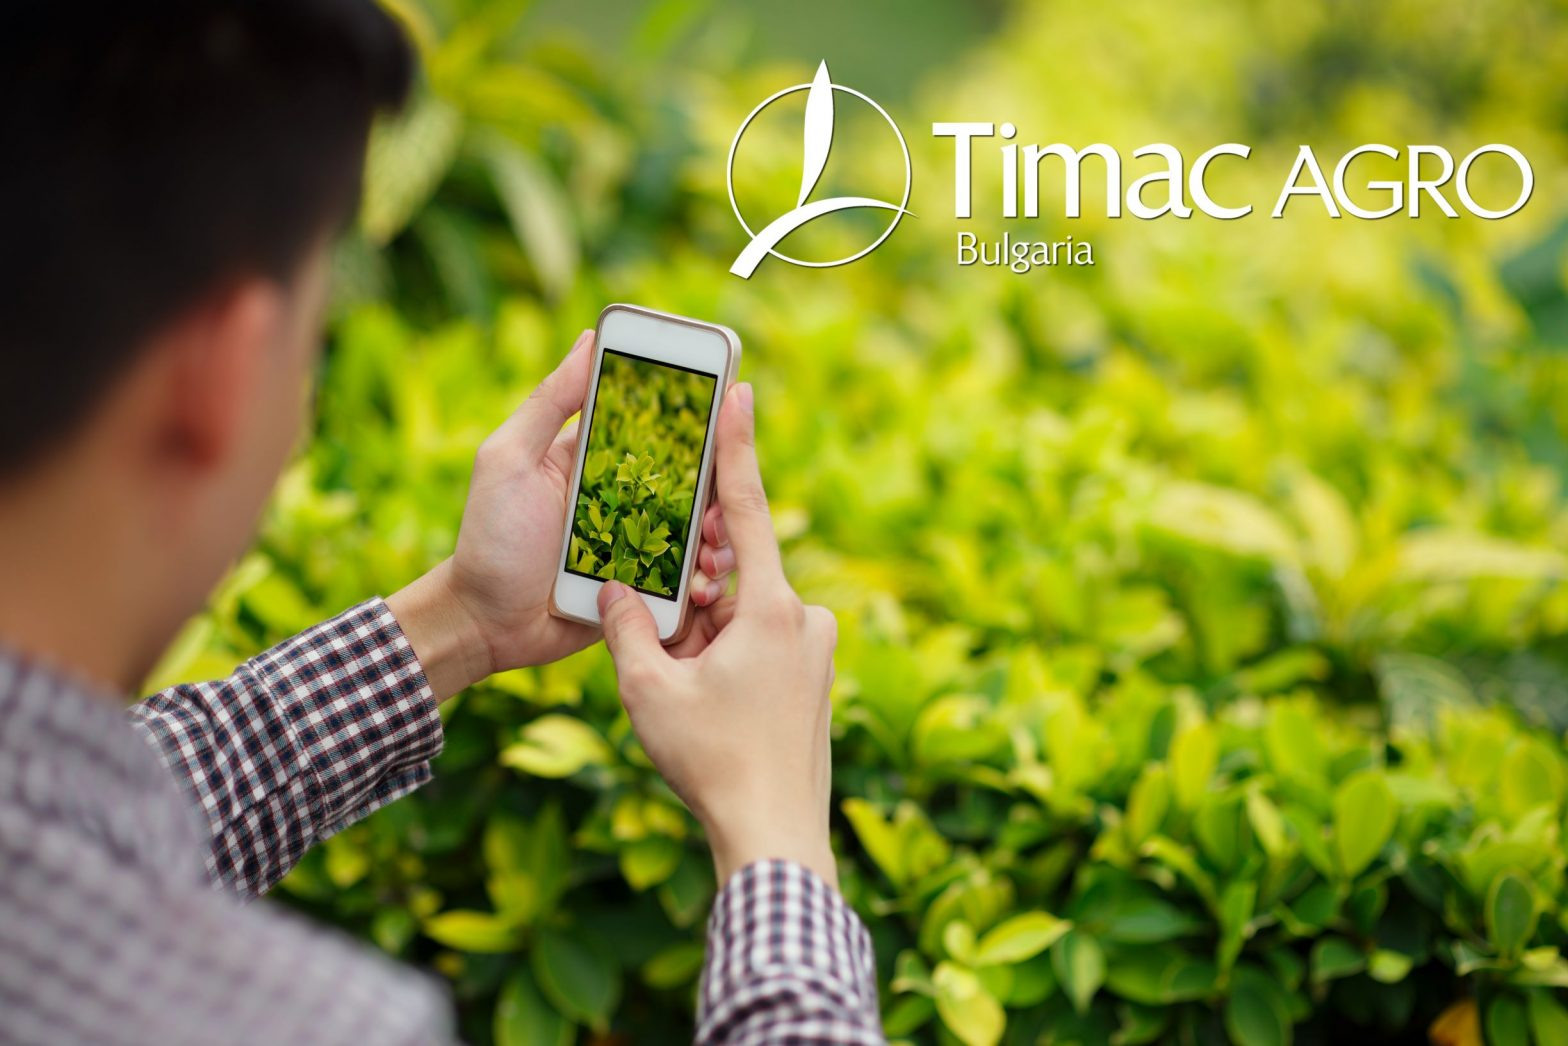 Тимак Агро предоставя флуориметричен анализ на земеделците